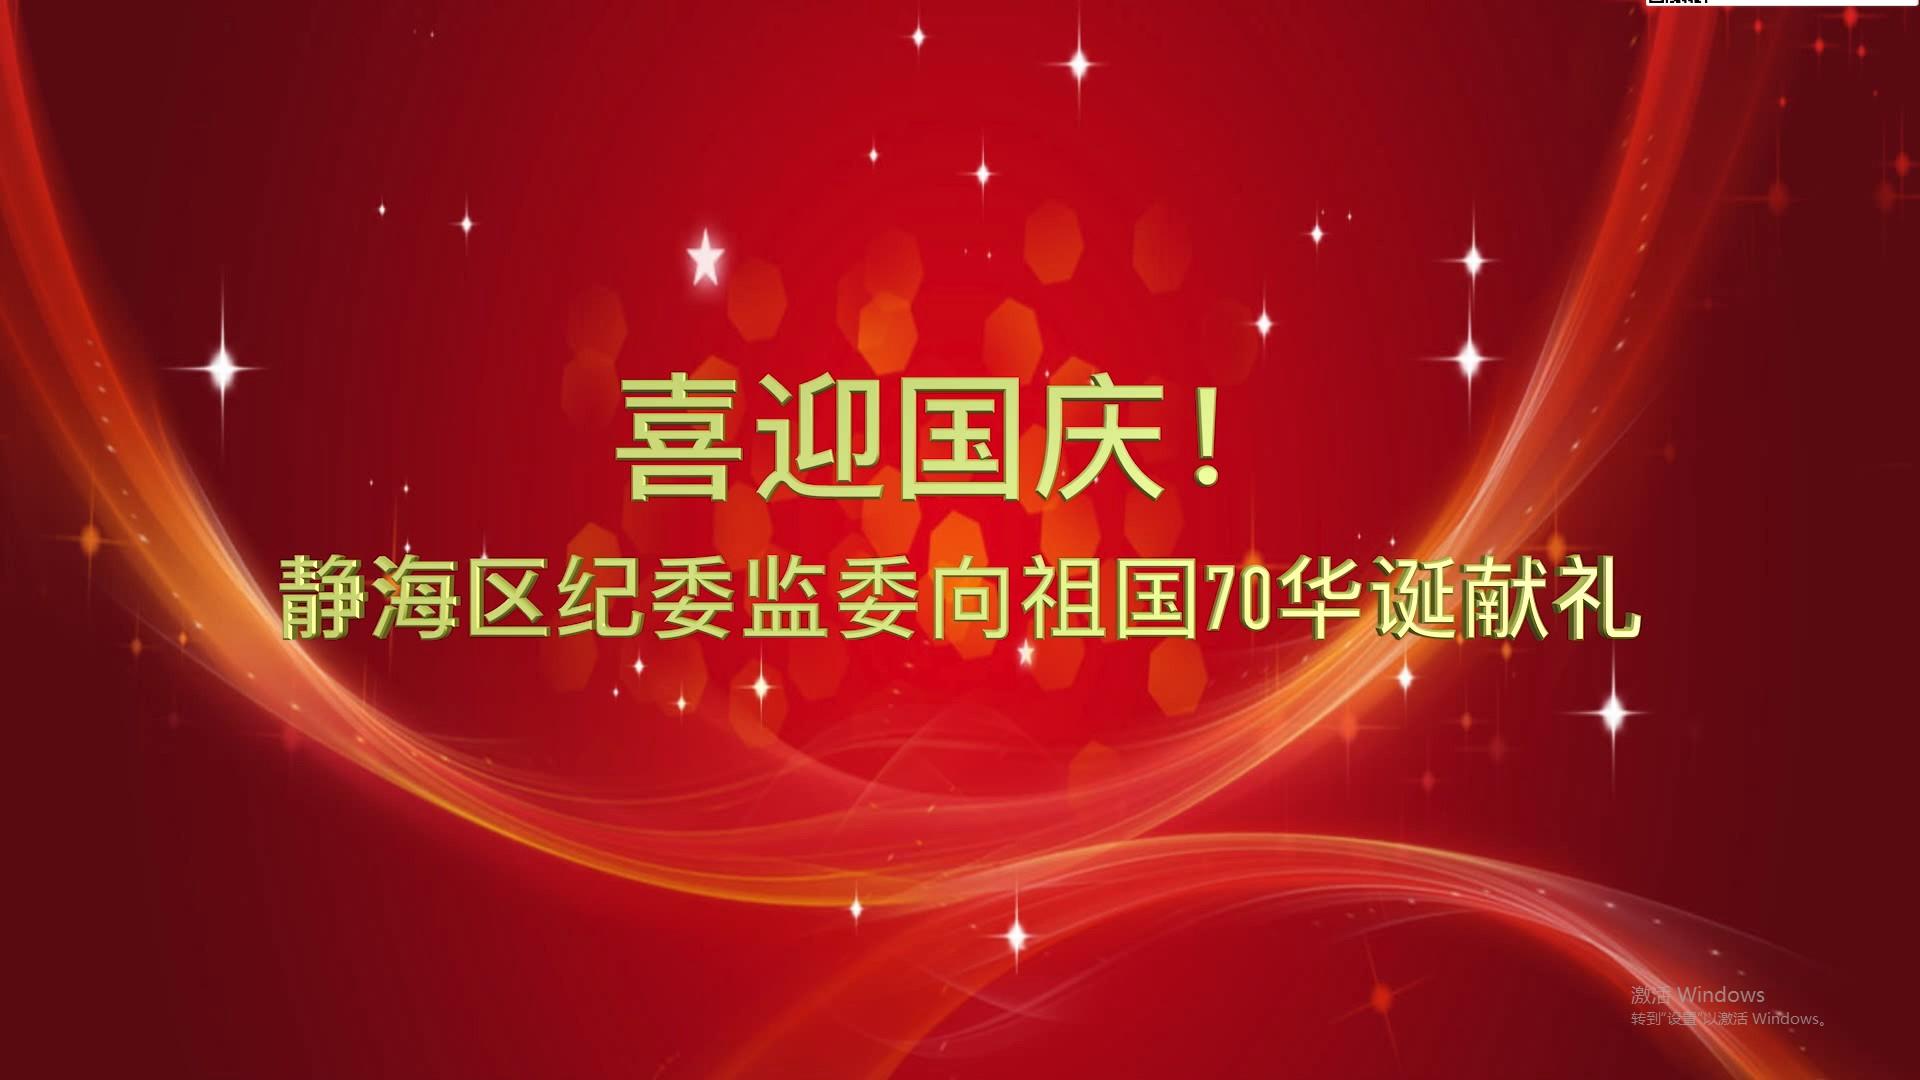 喜迎国庆!静海区纪委监委向祖国70华诞献礼